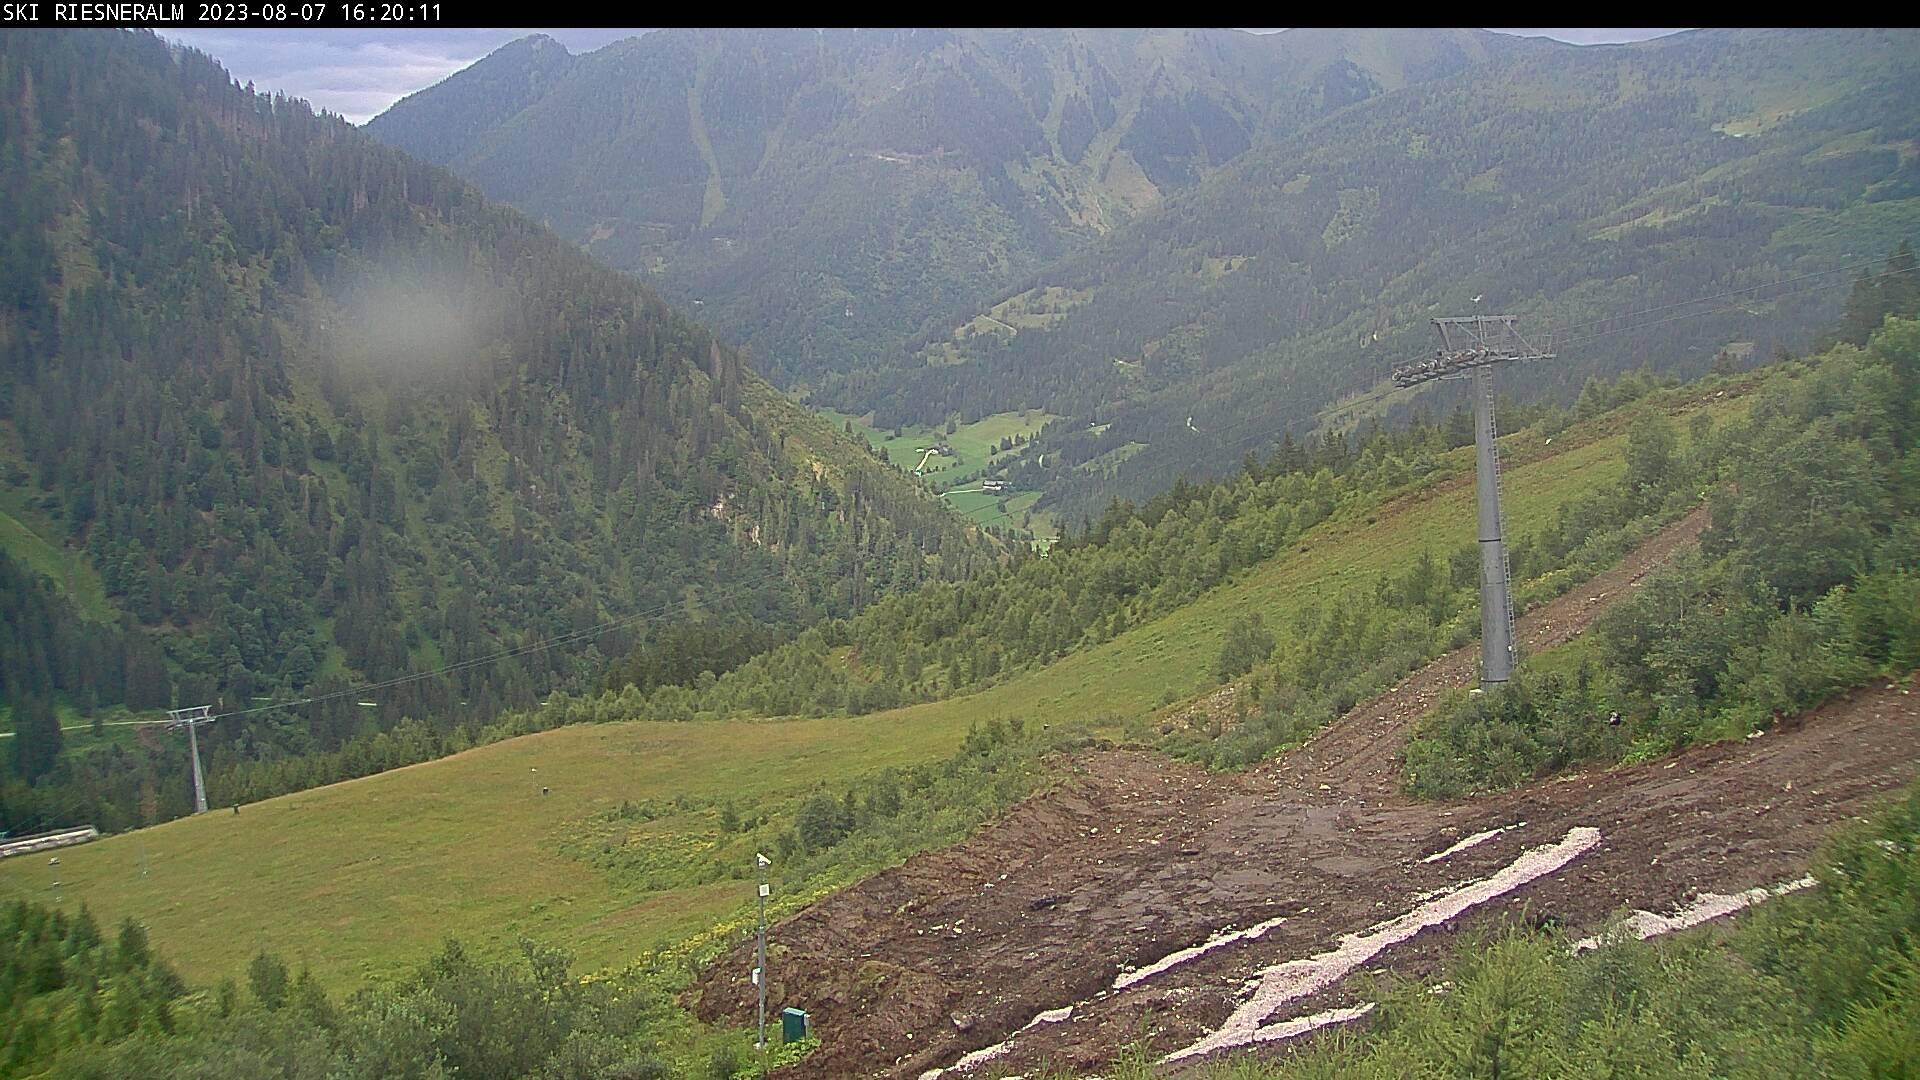 Webcam - Die Schneidige